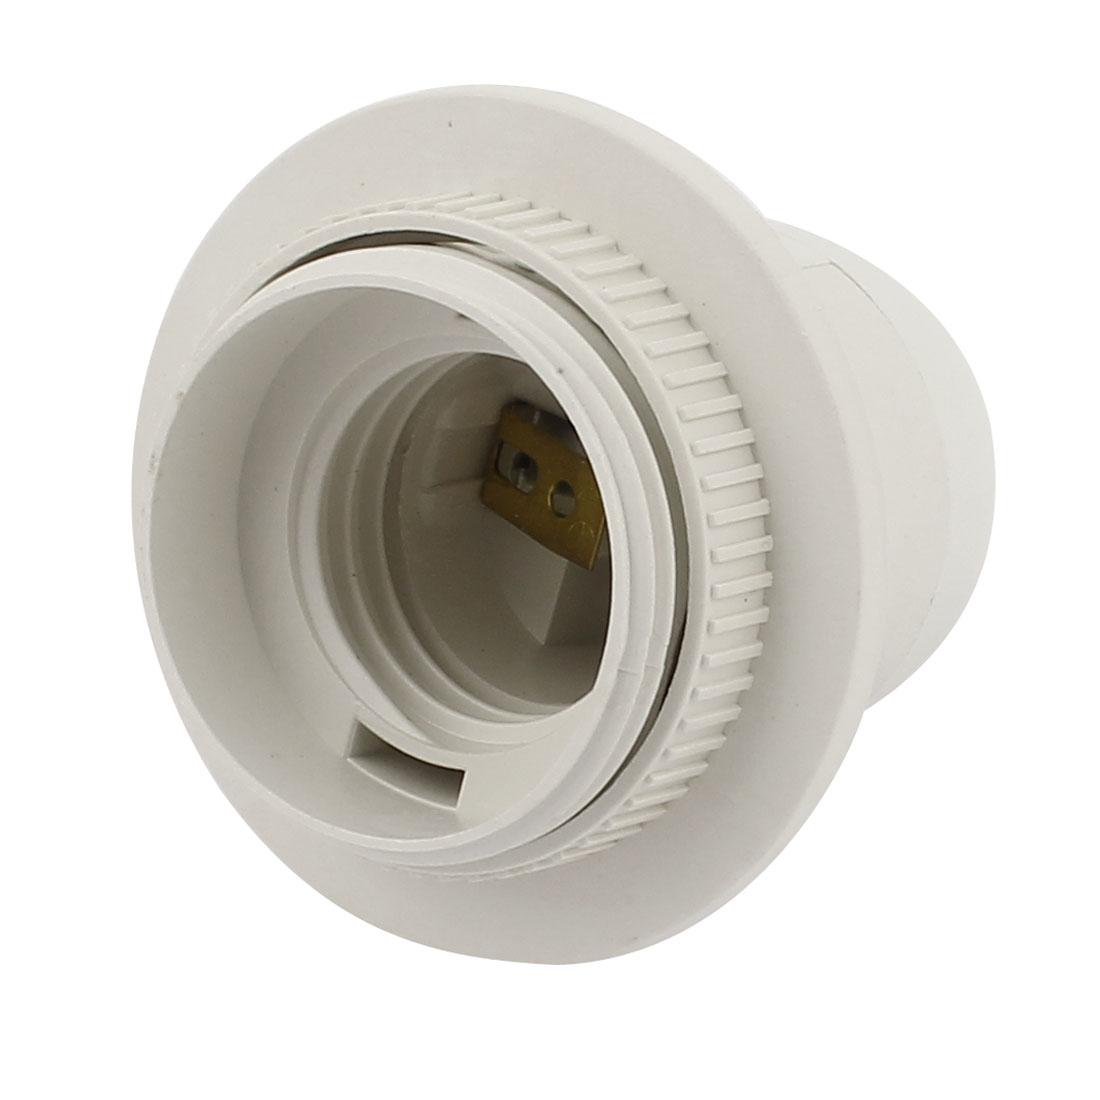 E27 Bulb Base Holders Light Plastic Screw Lamp Socket Adapter AC 110V-220V